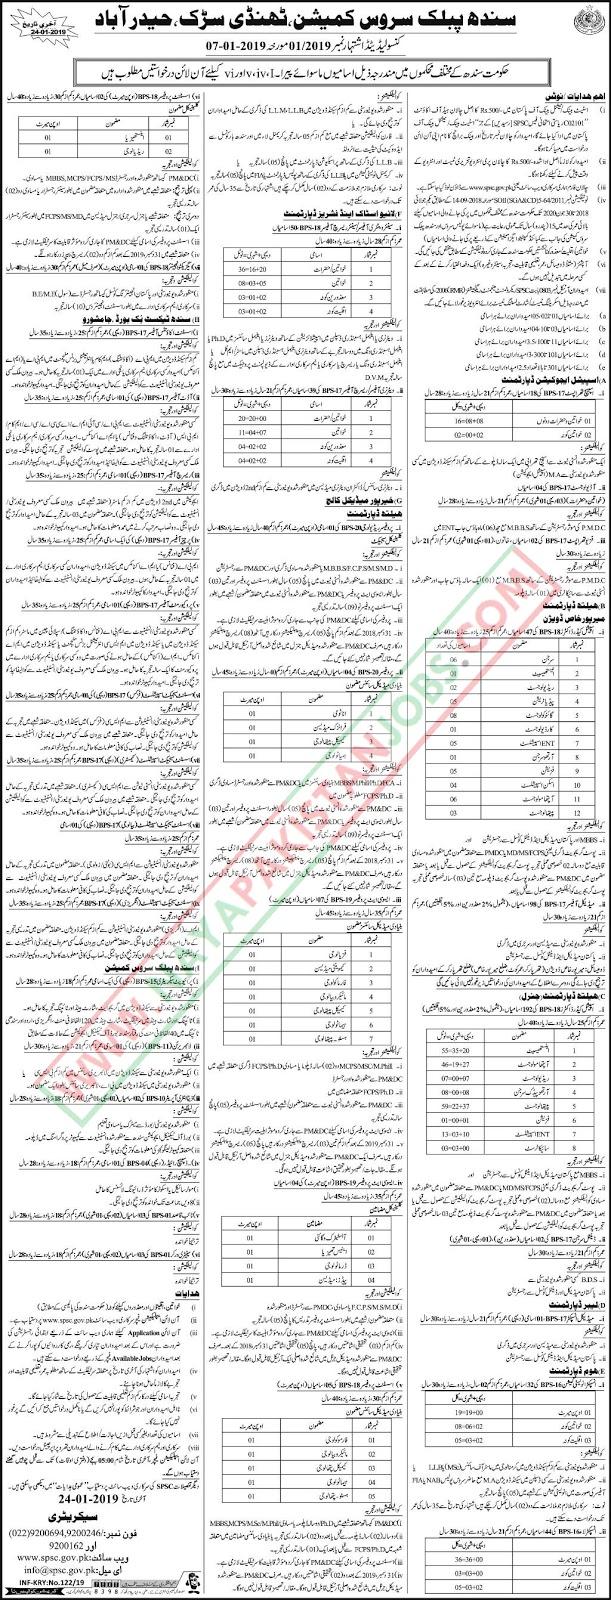 SPSC Latest Jobs Jan 2019 | Sindh Public Service Commission